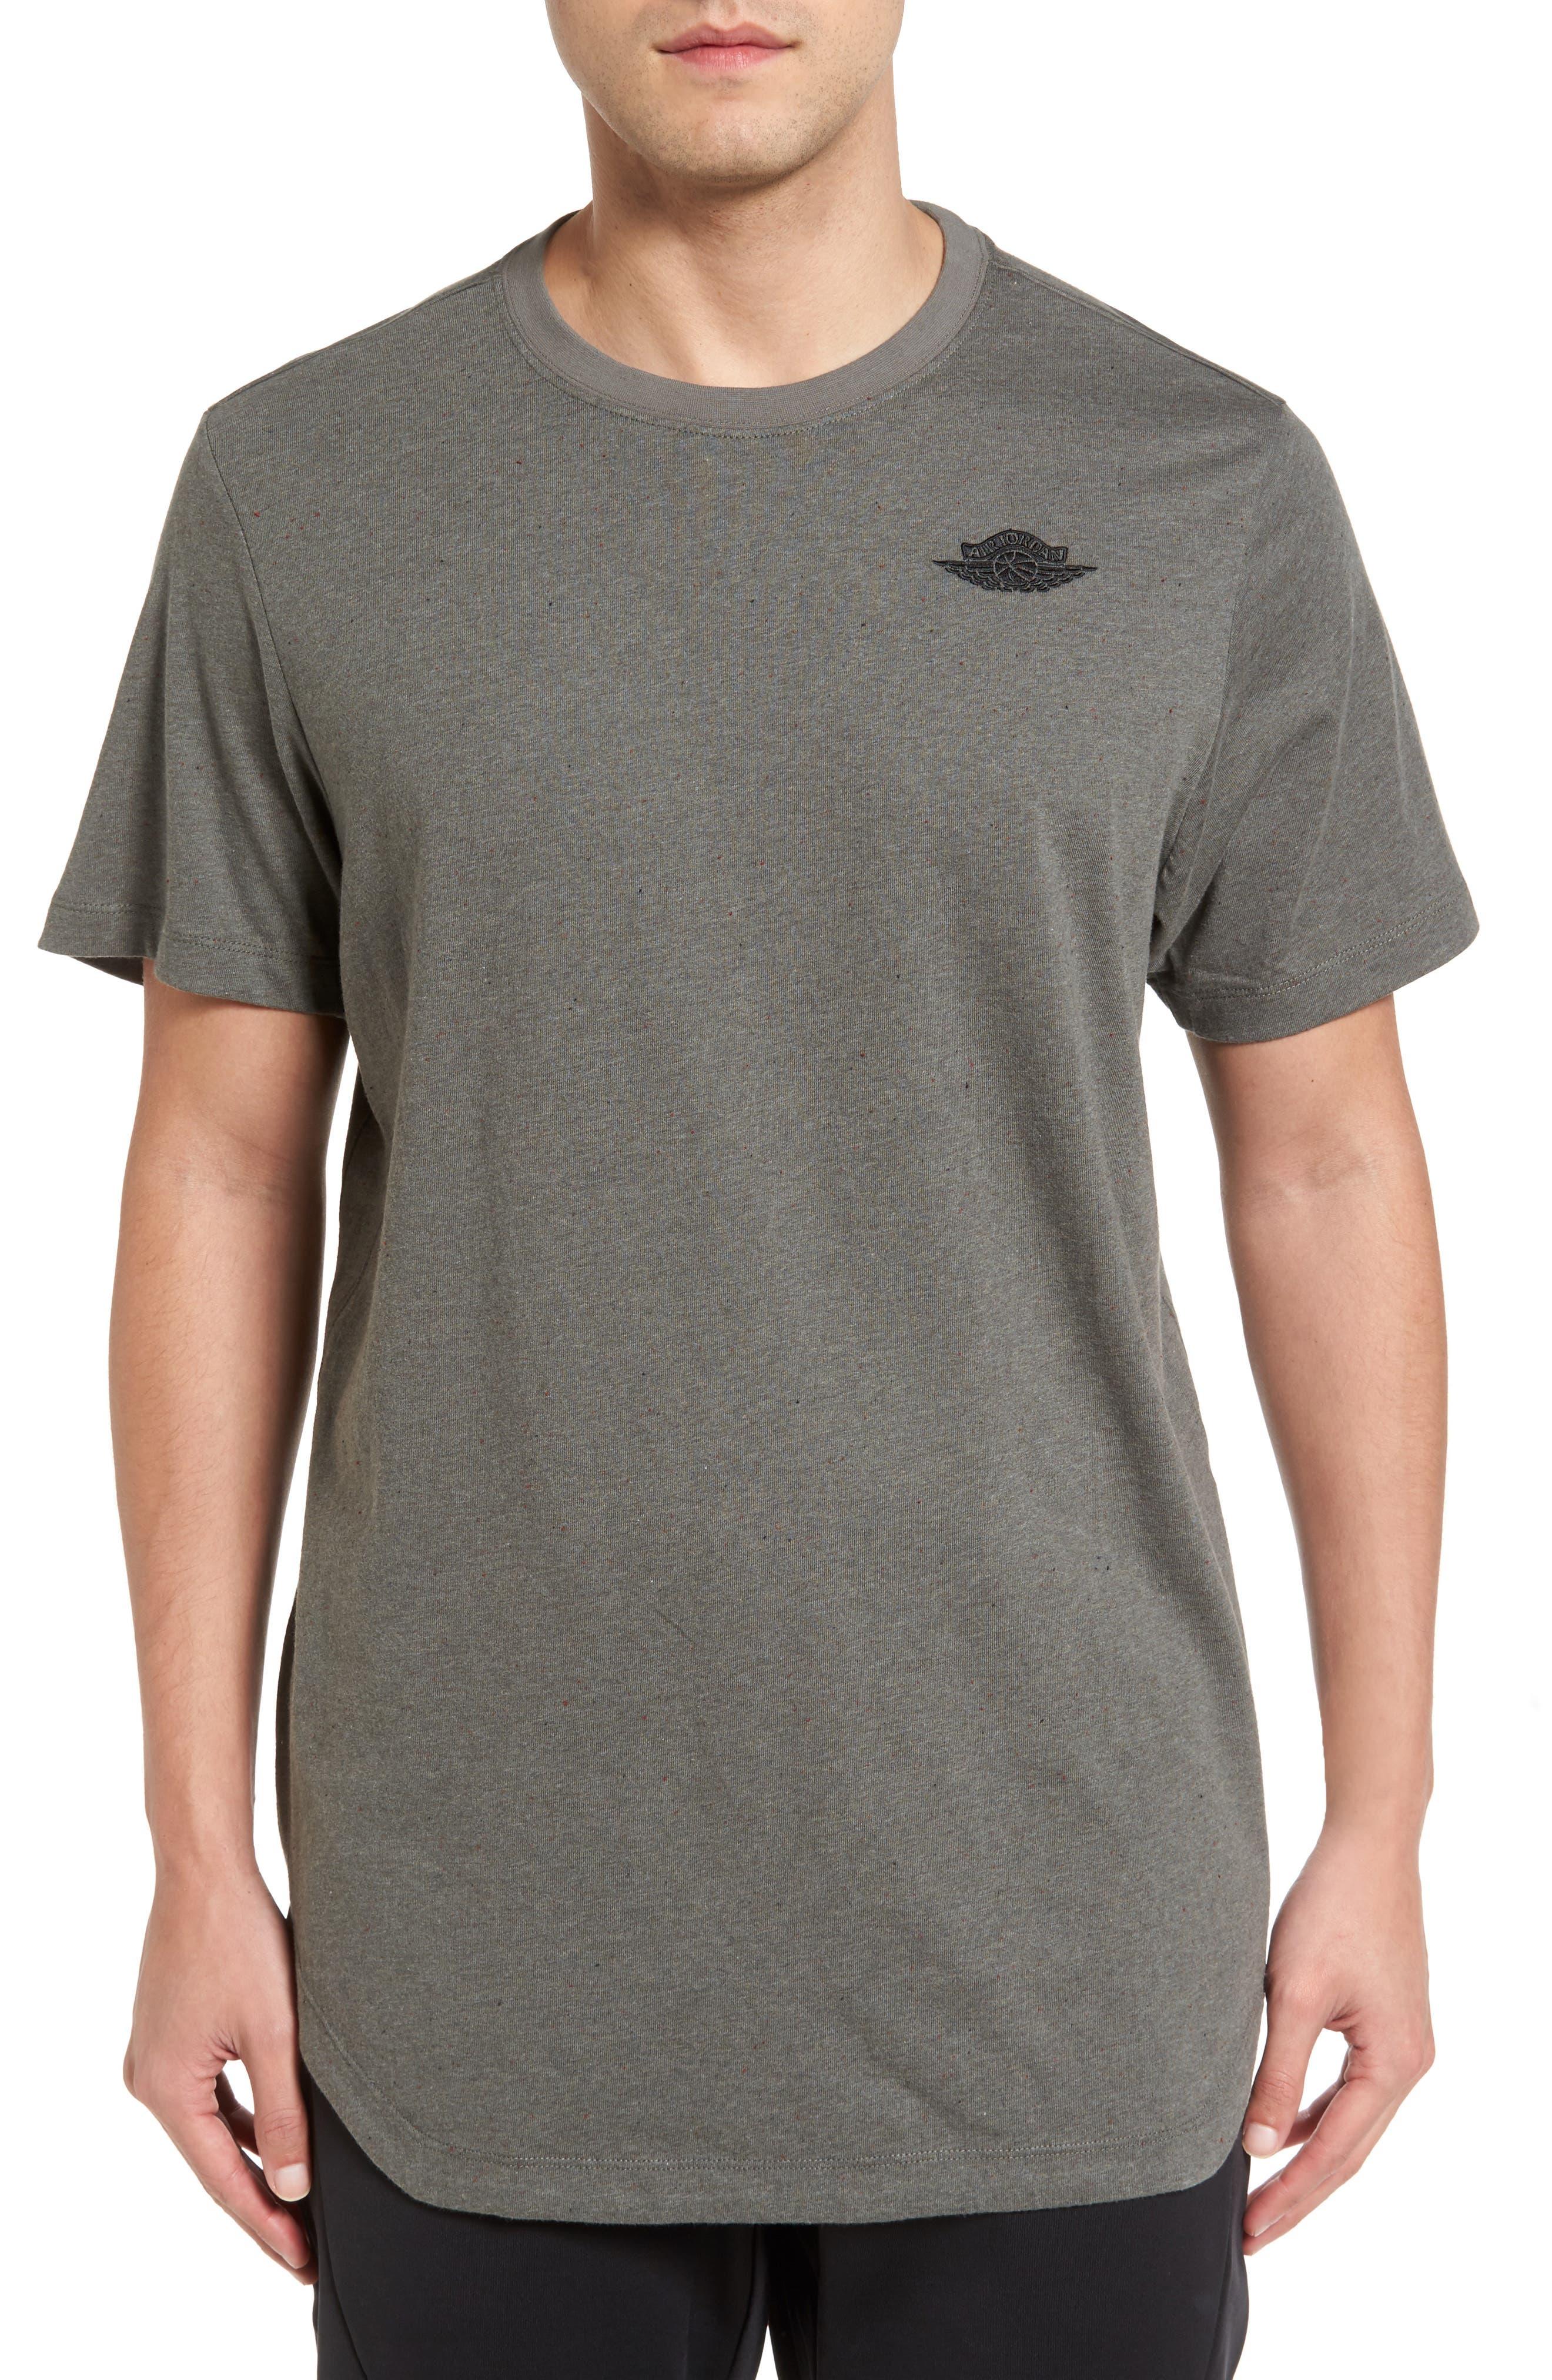 Future 2 T-Shirt,                             Main thumbnail 1, color,                             White/ Black